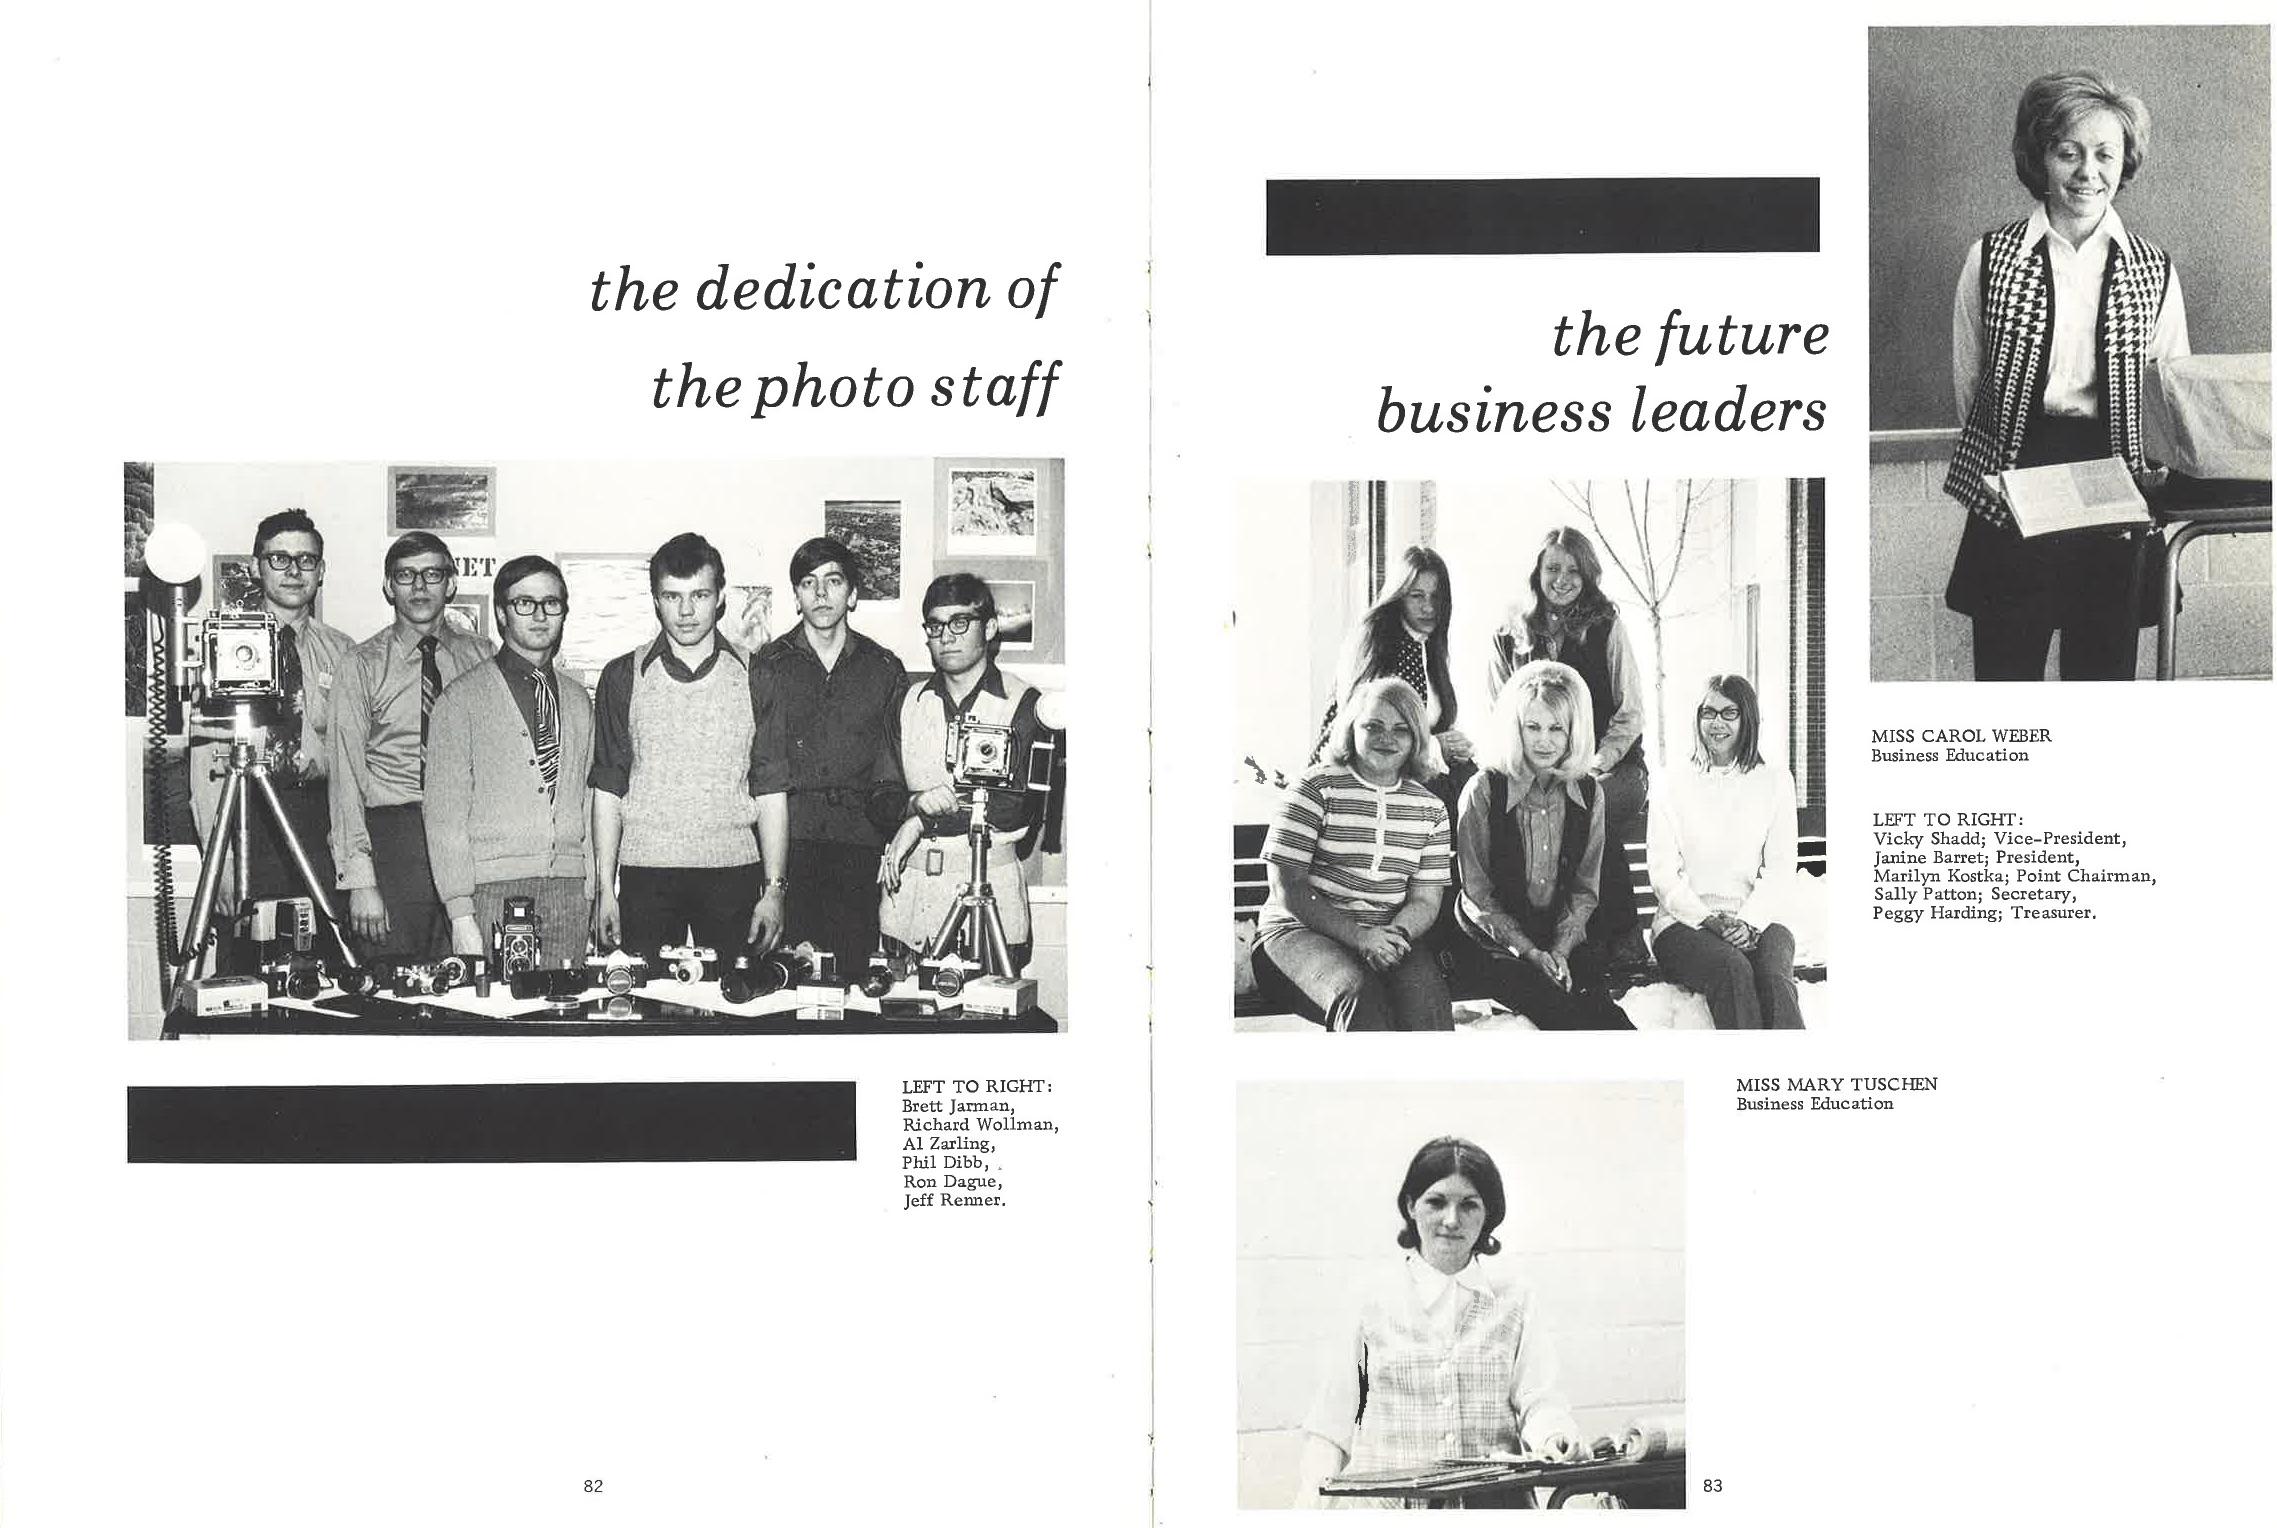 1971_Yearbook_82-83.jpg